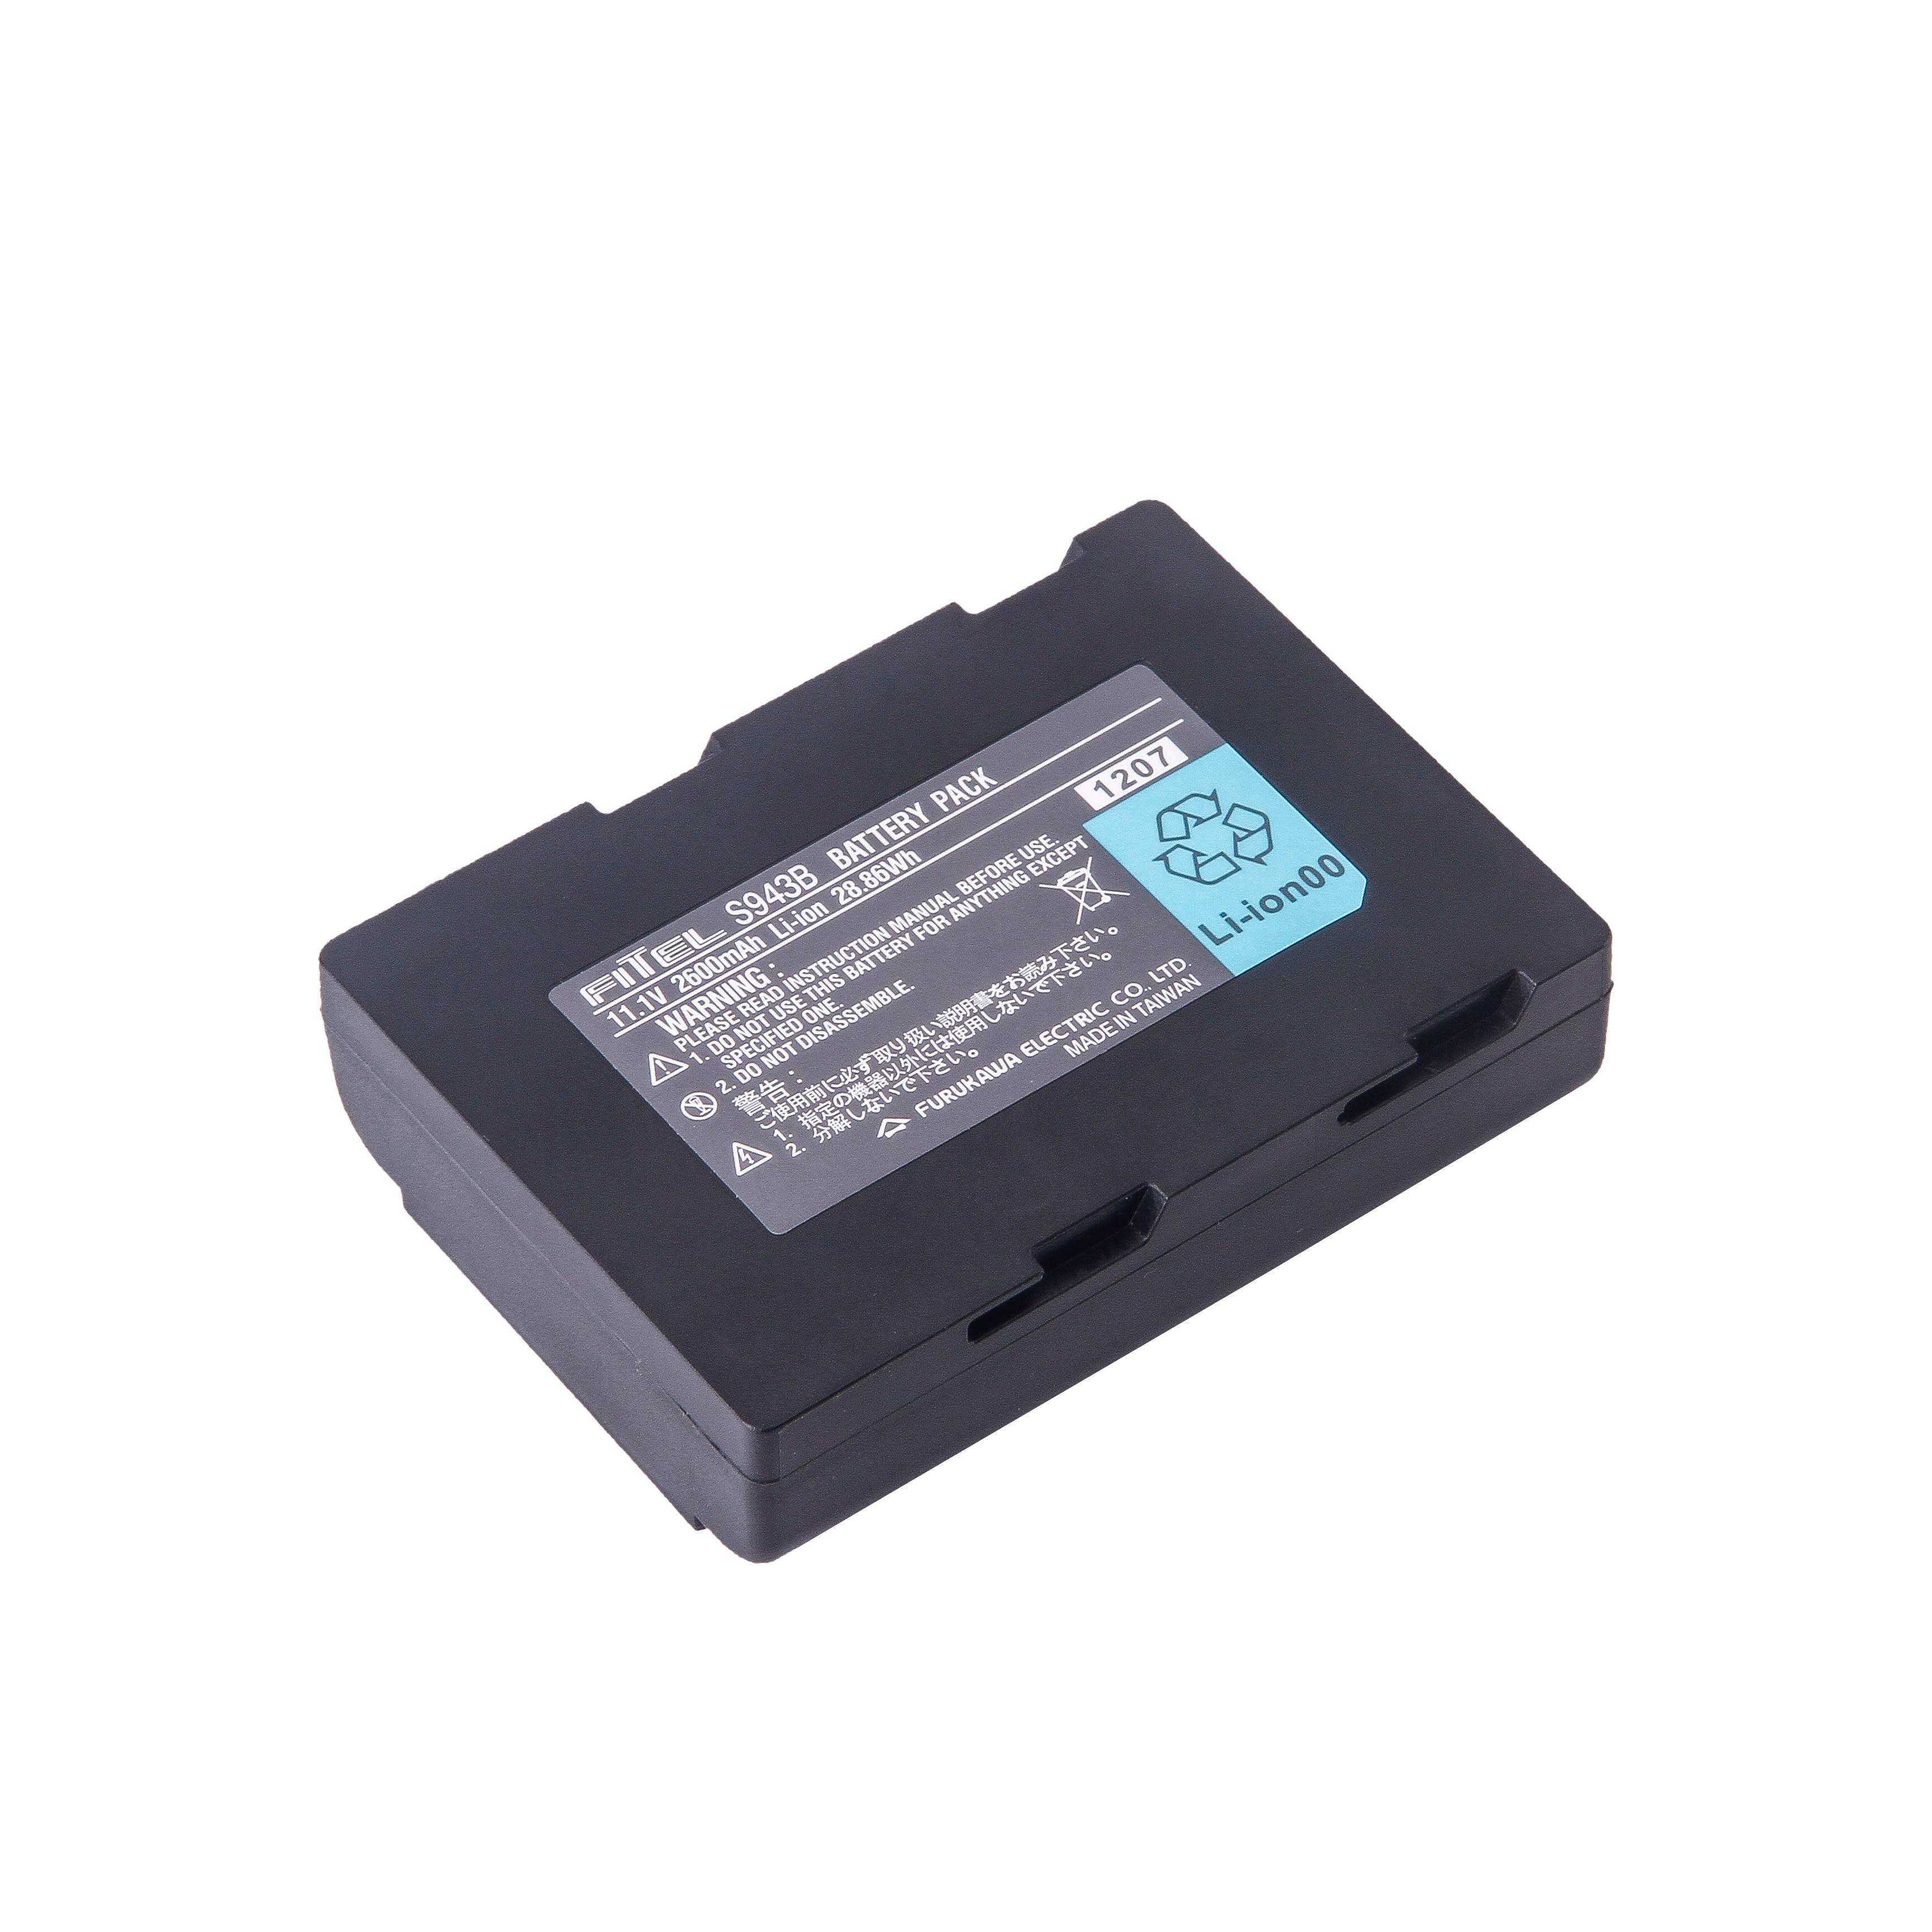 Высокое качество импортированная батарея клетки S943 Батарея для Fitel S943 S943B S177A S177B S178A S178V волокно сварочный аппарат для оптоволокна Батарея